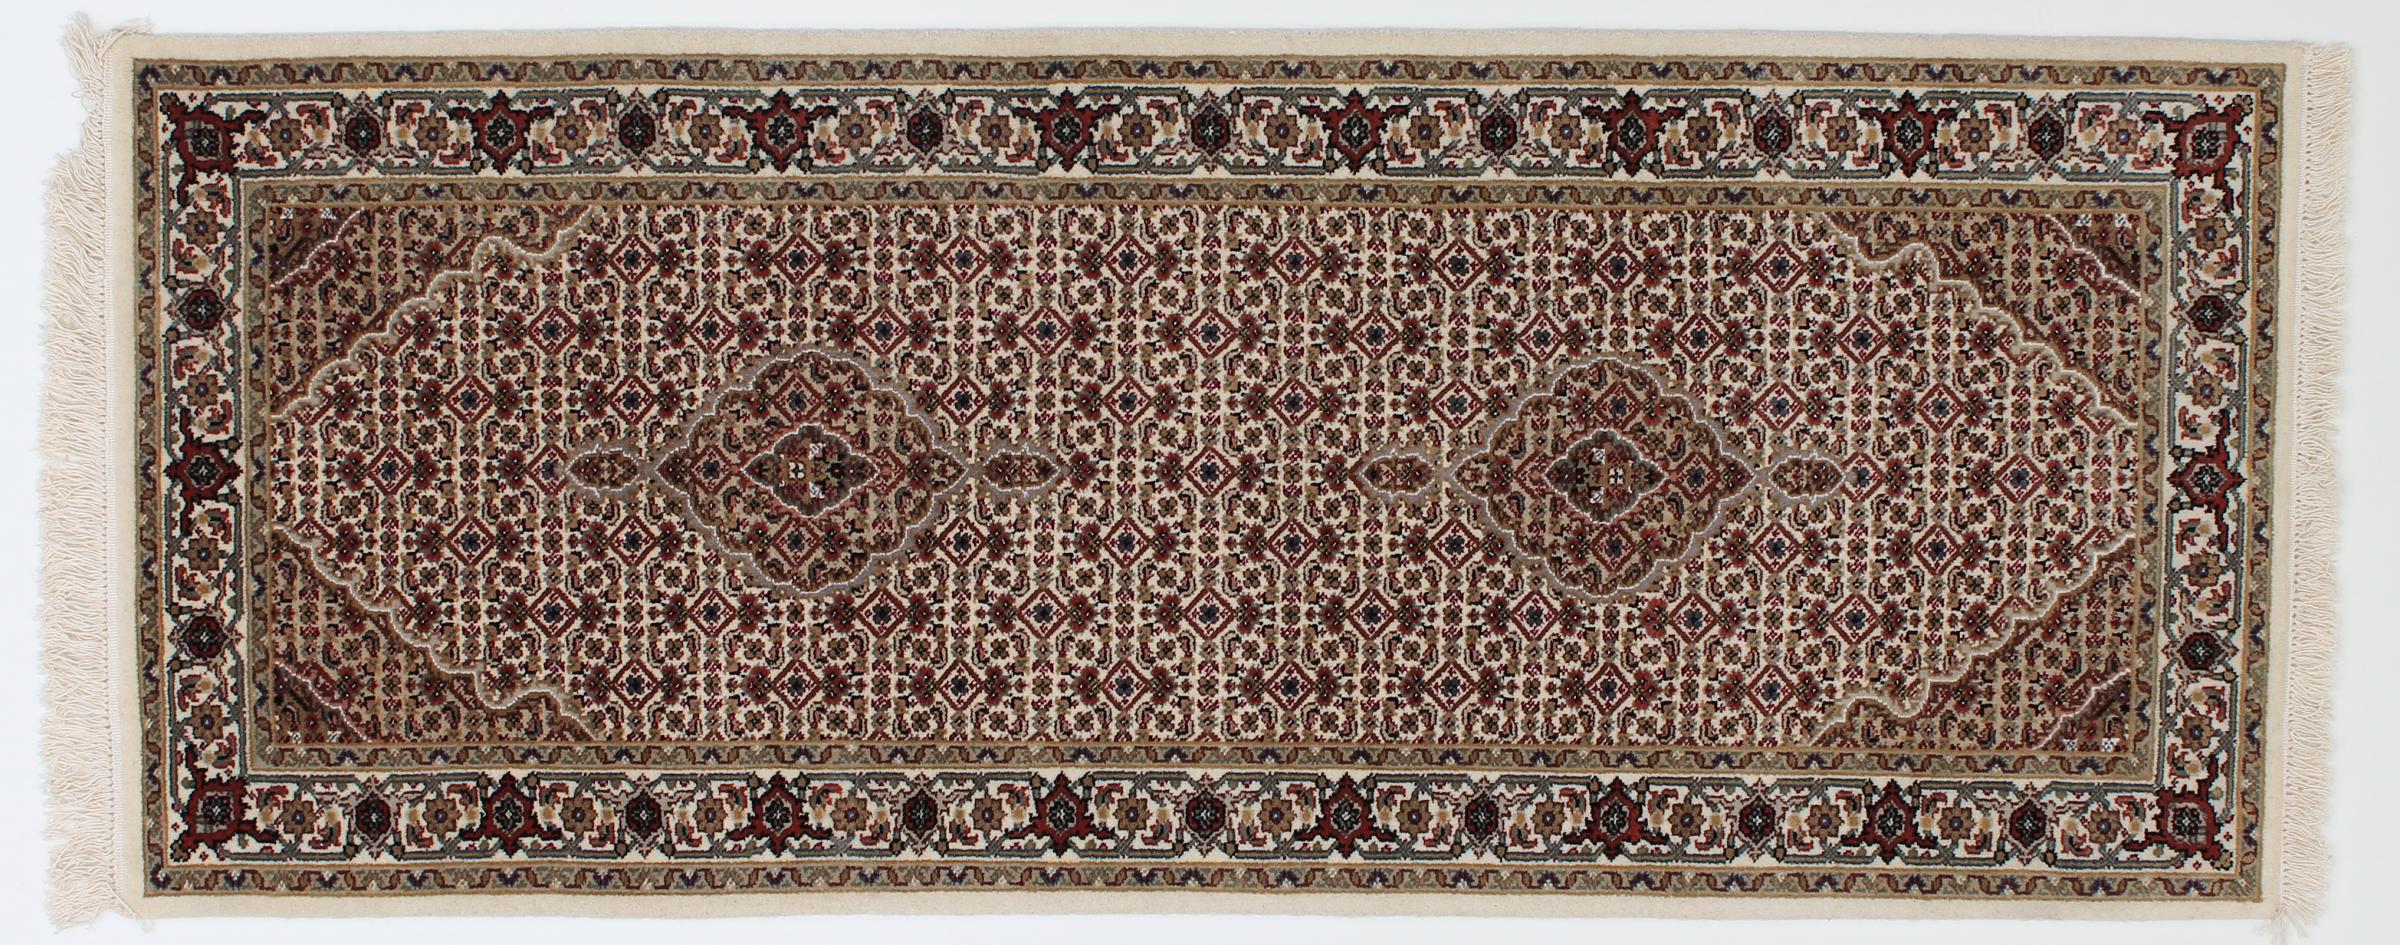 indo t briz indischer teppich 199x79 id23568 kaufen sie ihren orientteppich i 200x80 bei. Black Bedroom Furniture Sets. Home Design Ideas